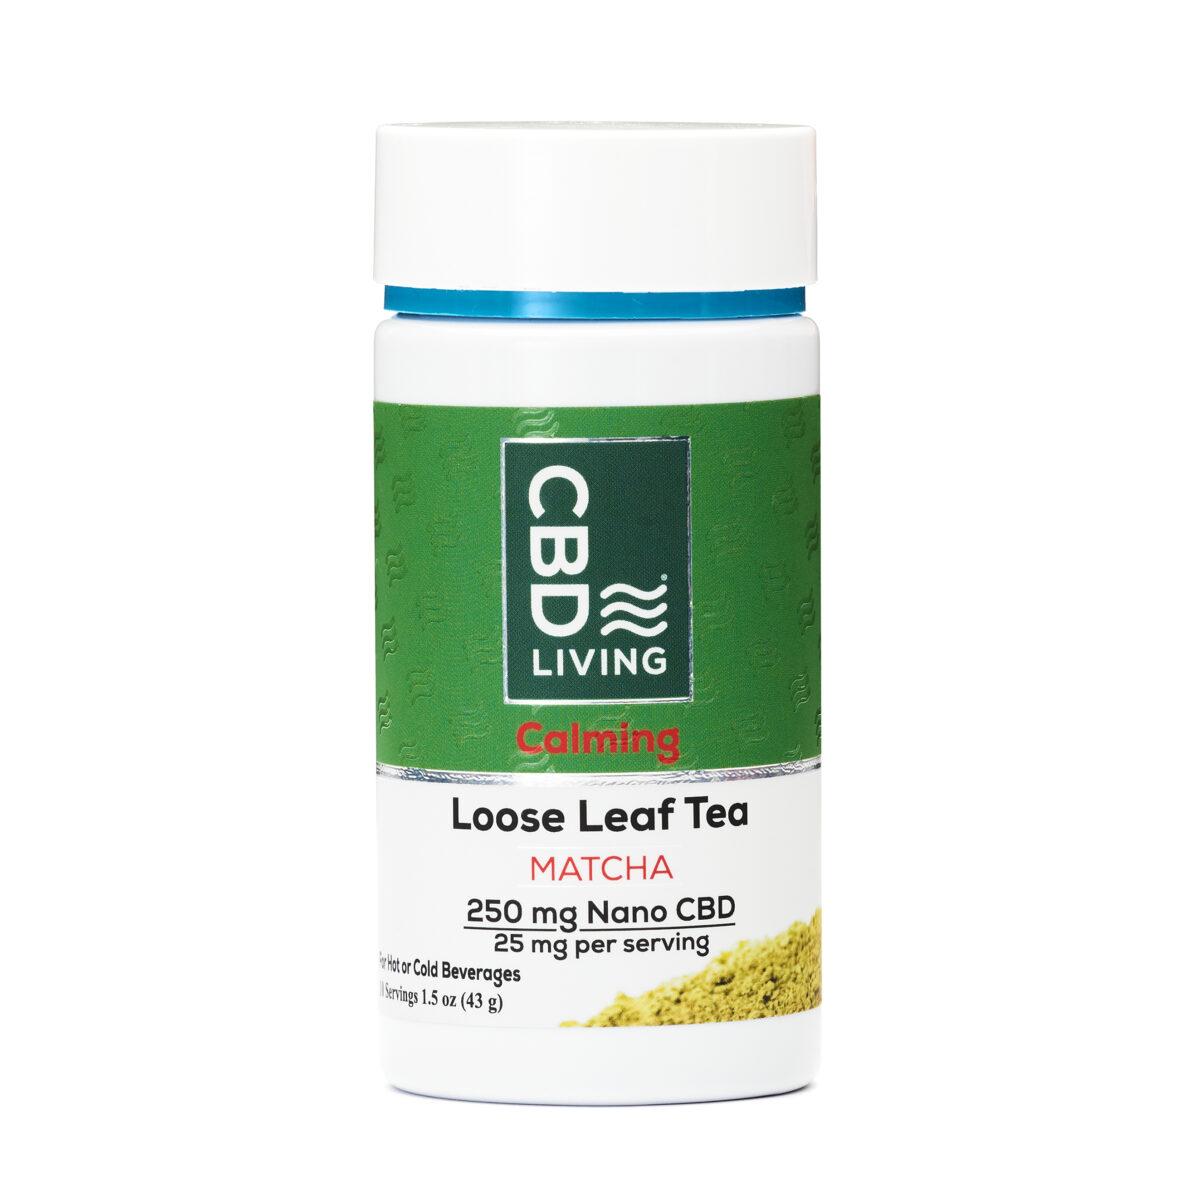 Чай CBD 43г., КБД Чай Для Отдыха и Спокойствия, 25мг CBD в порции, Tea – Matcha Instant 250 mg CBD Living, США